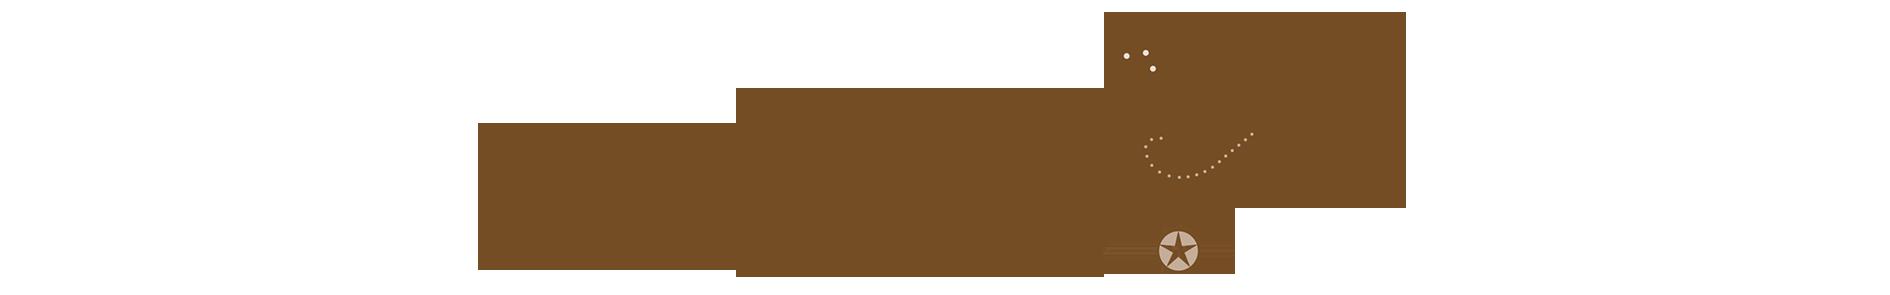 Pauline Meijer illustraties en ontwerpen © 2021